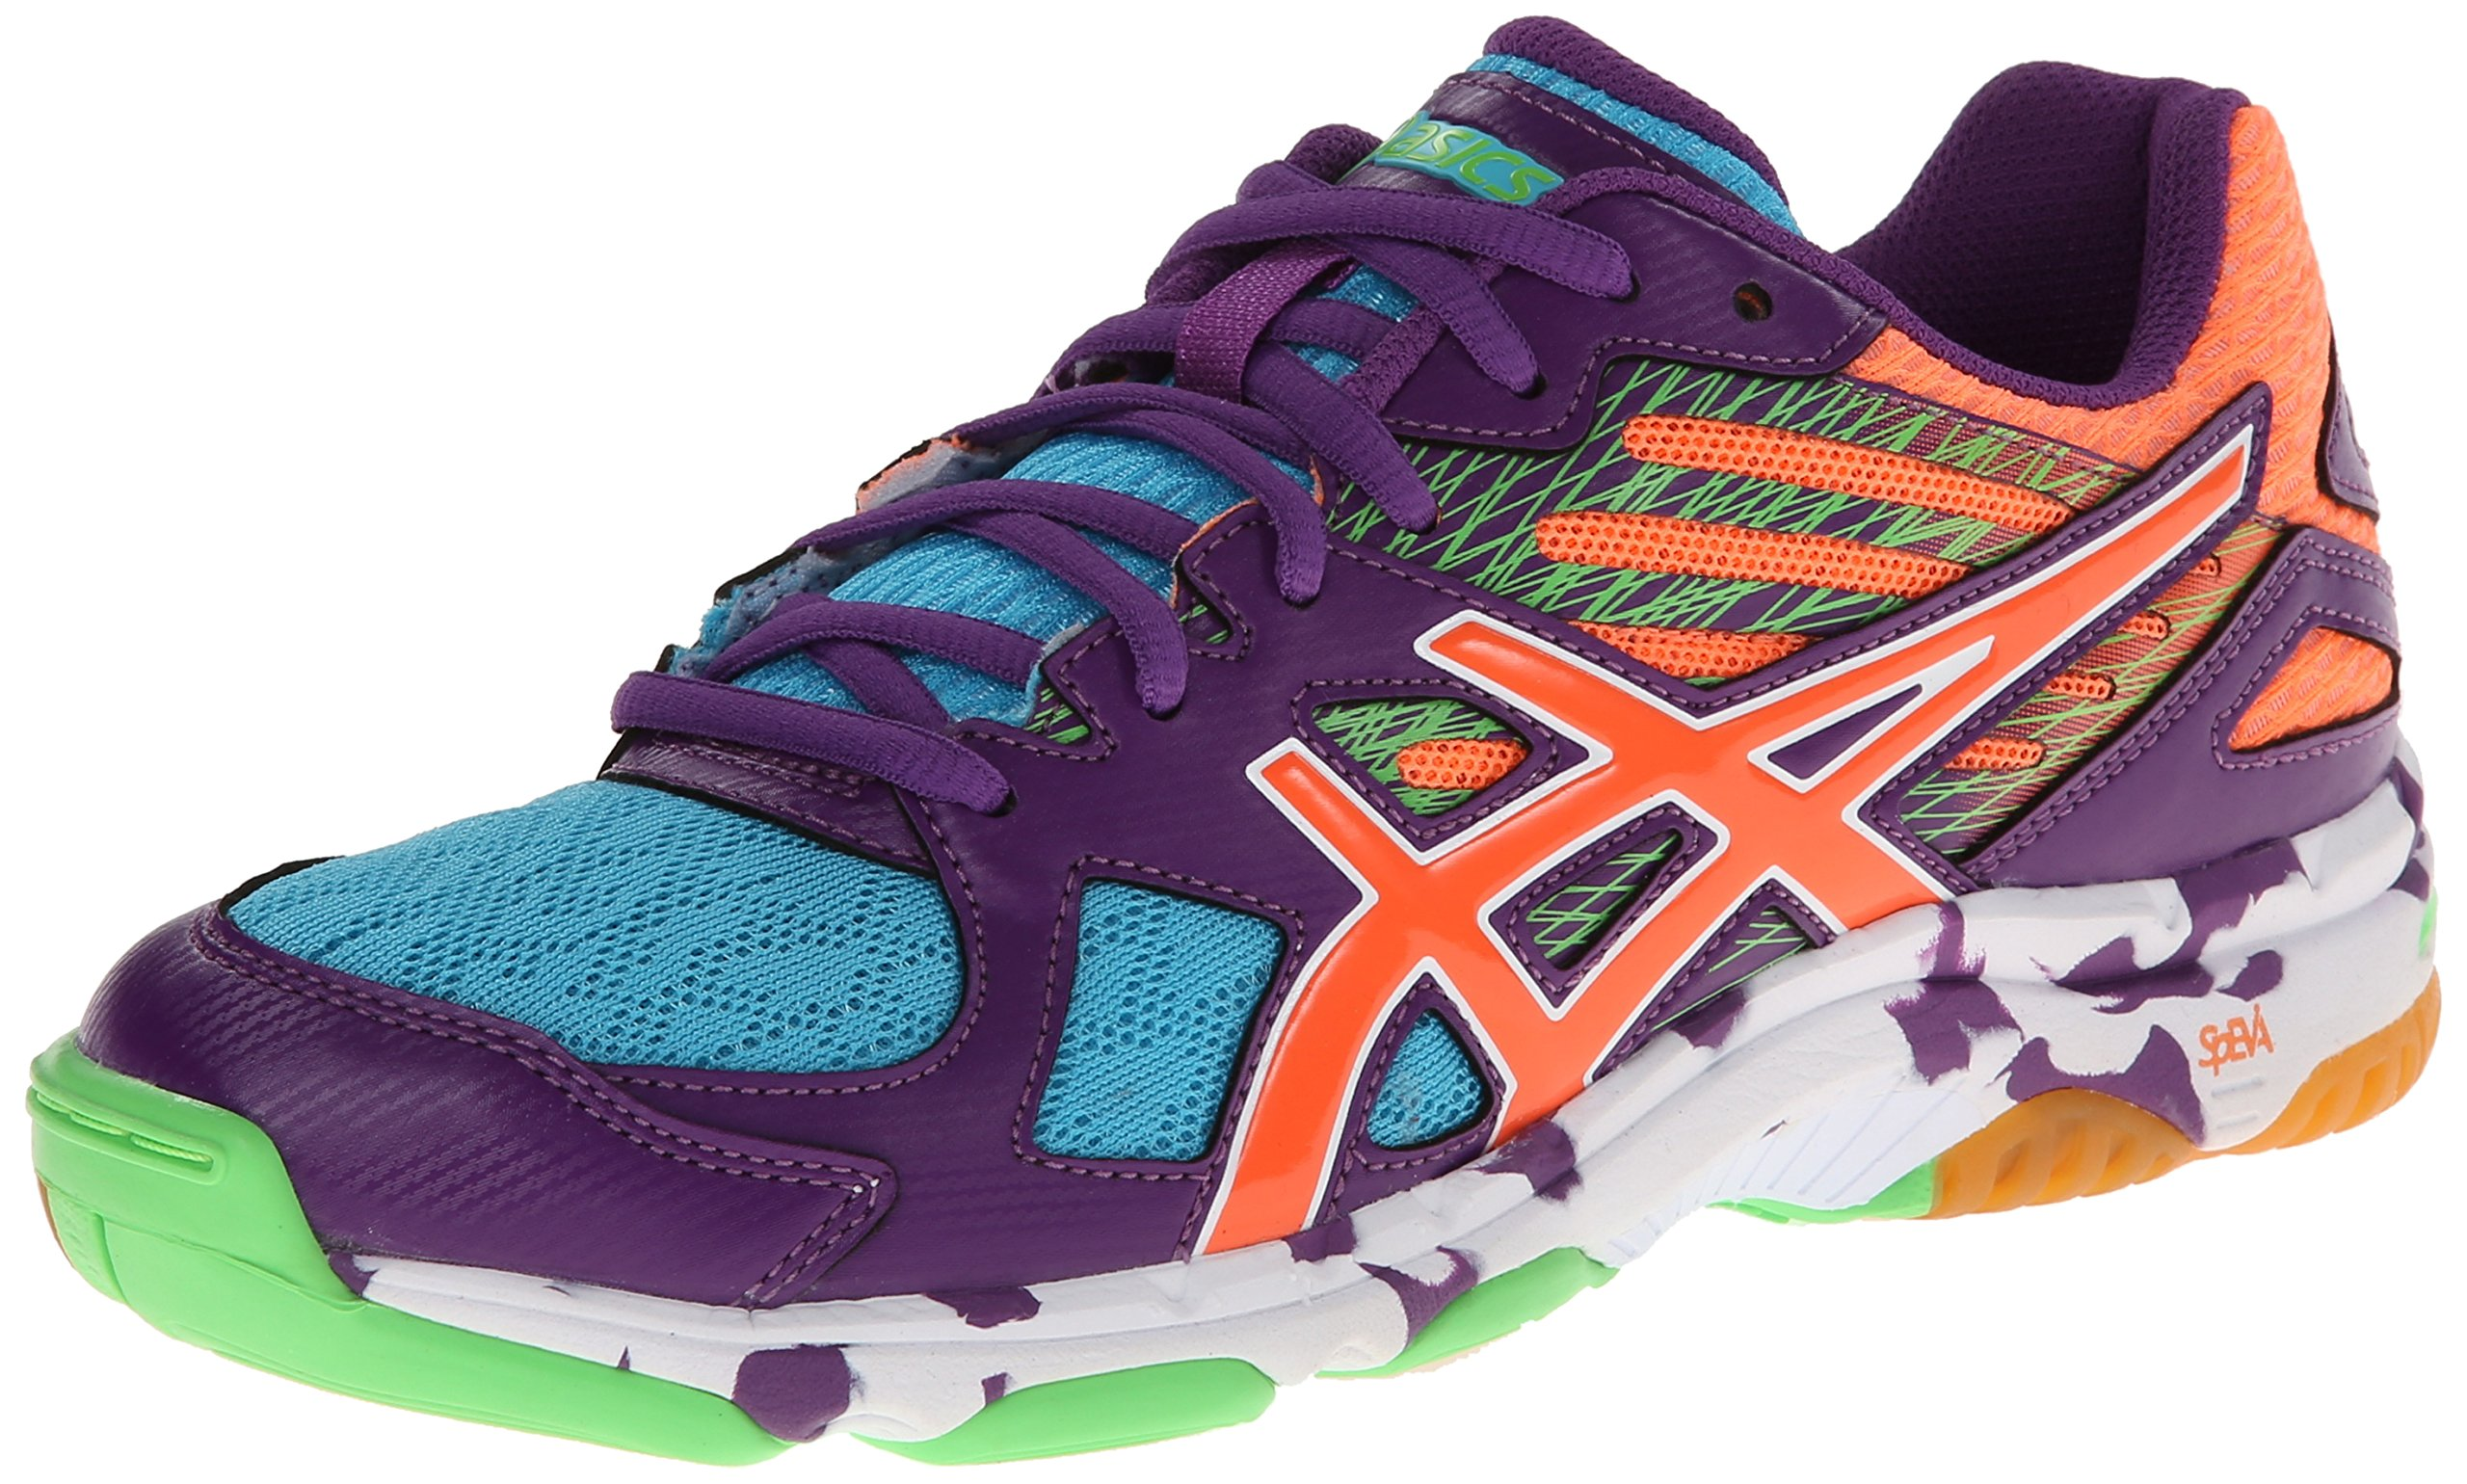 ASICS Women's GEL-Flashpoint 2 Volleyball Shoe